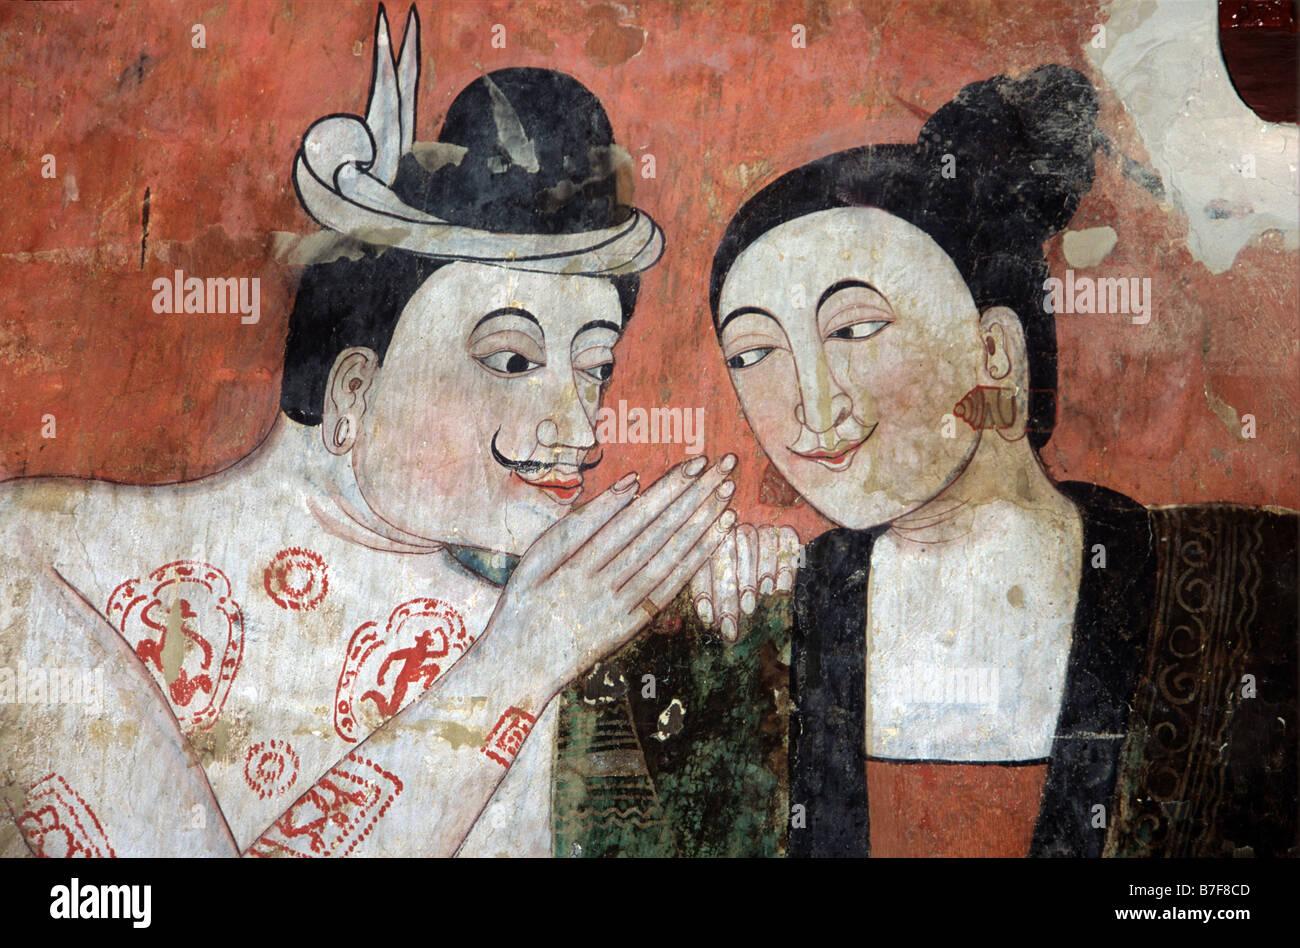 Les amateurs de thaï séduction, xixe siècle peinture murale peinture murale ou par Thit Buaphan, Photo Stock